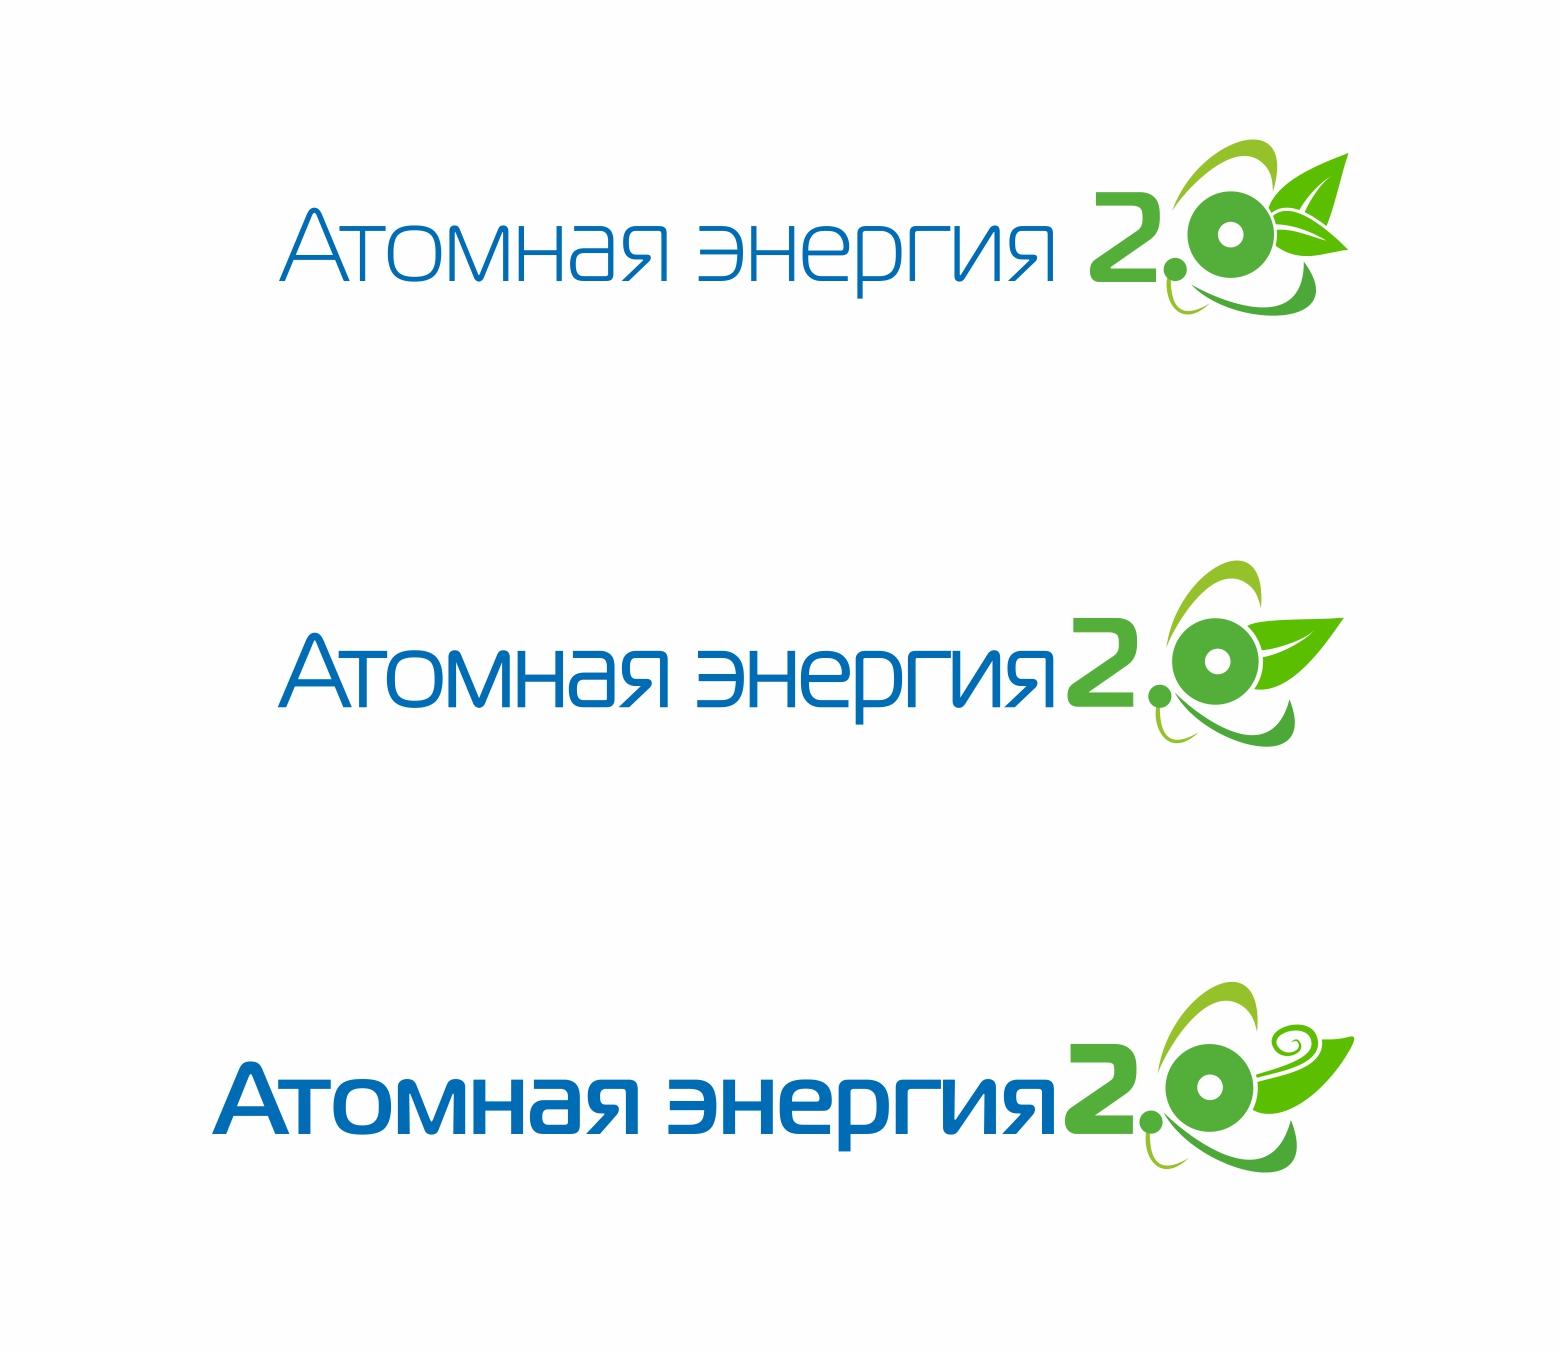 """Фирменный стиль для научного портала """"Атомная энергия 2.0"""" фото f_11859dde327420a6.jpg"""